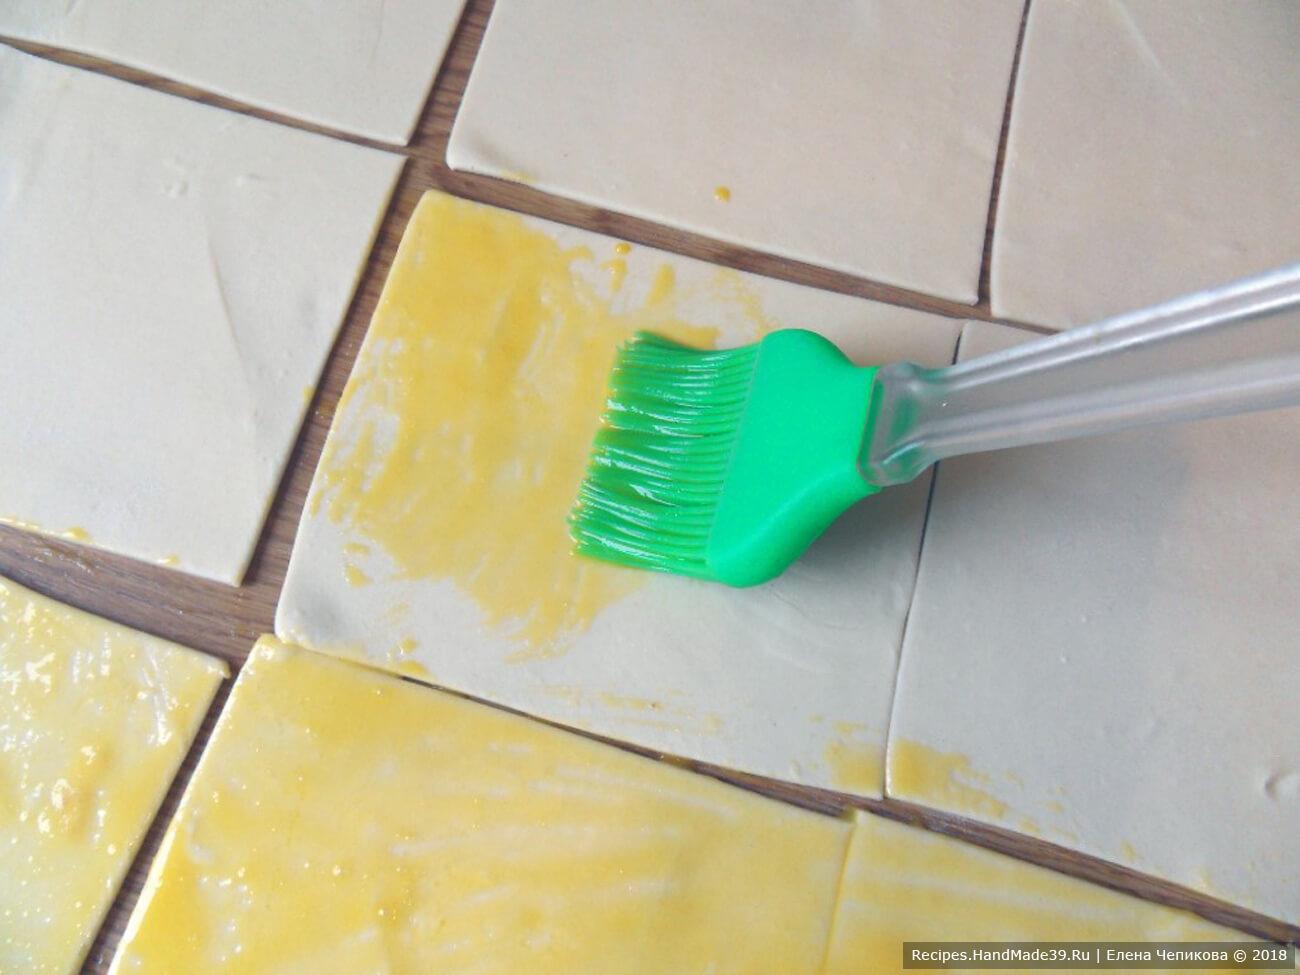 Слоёное тесто раскатать, разрезать на квадраты, смазать яичным желтком